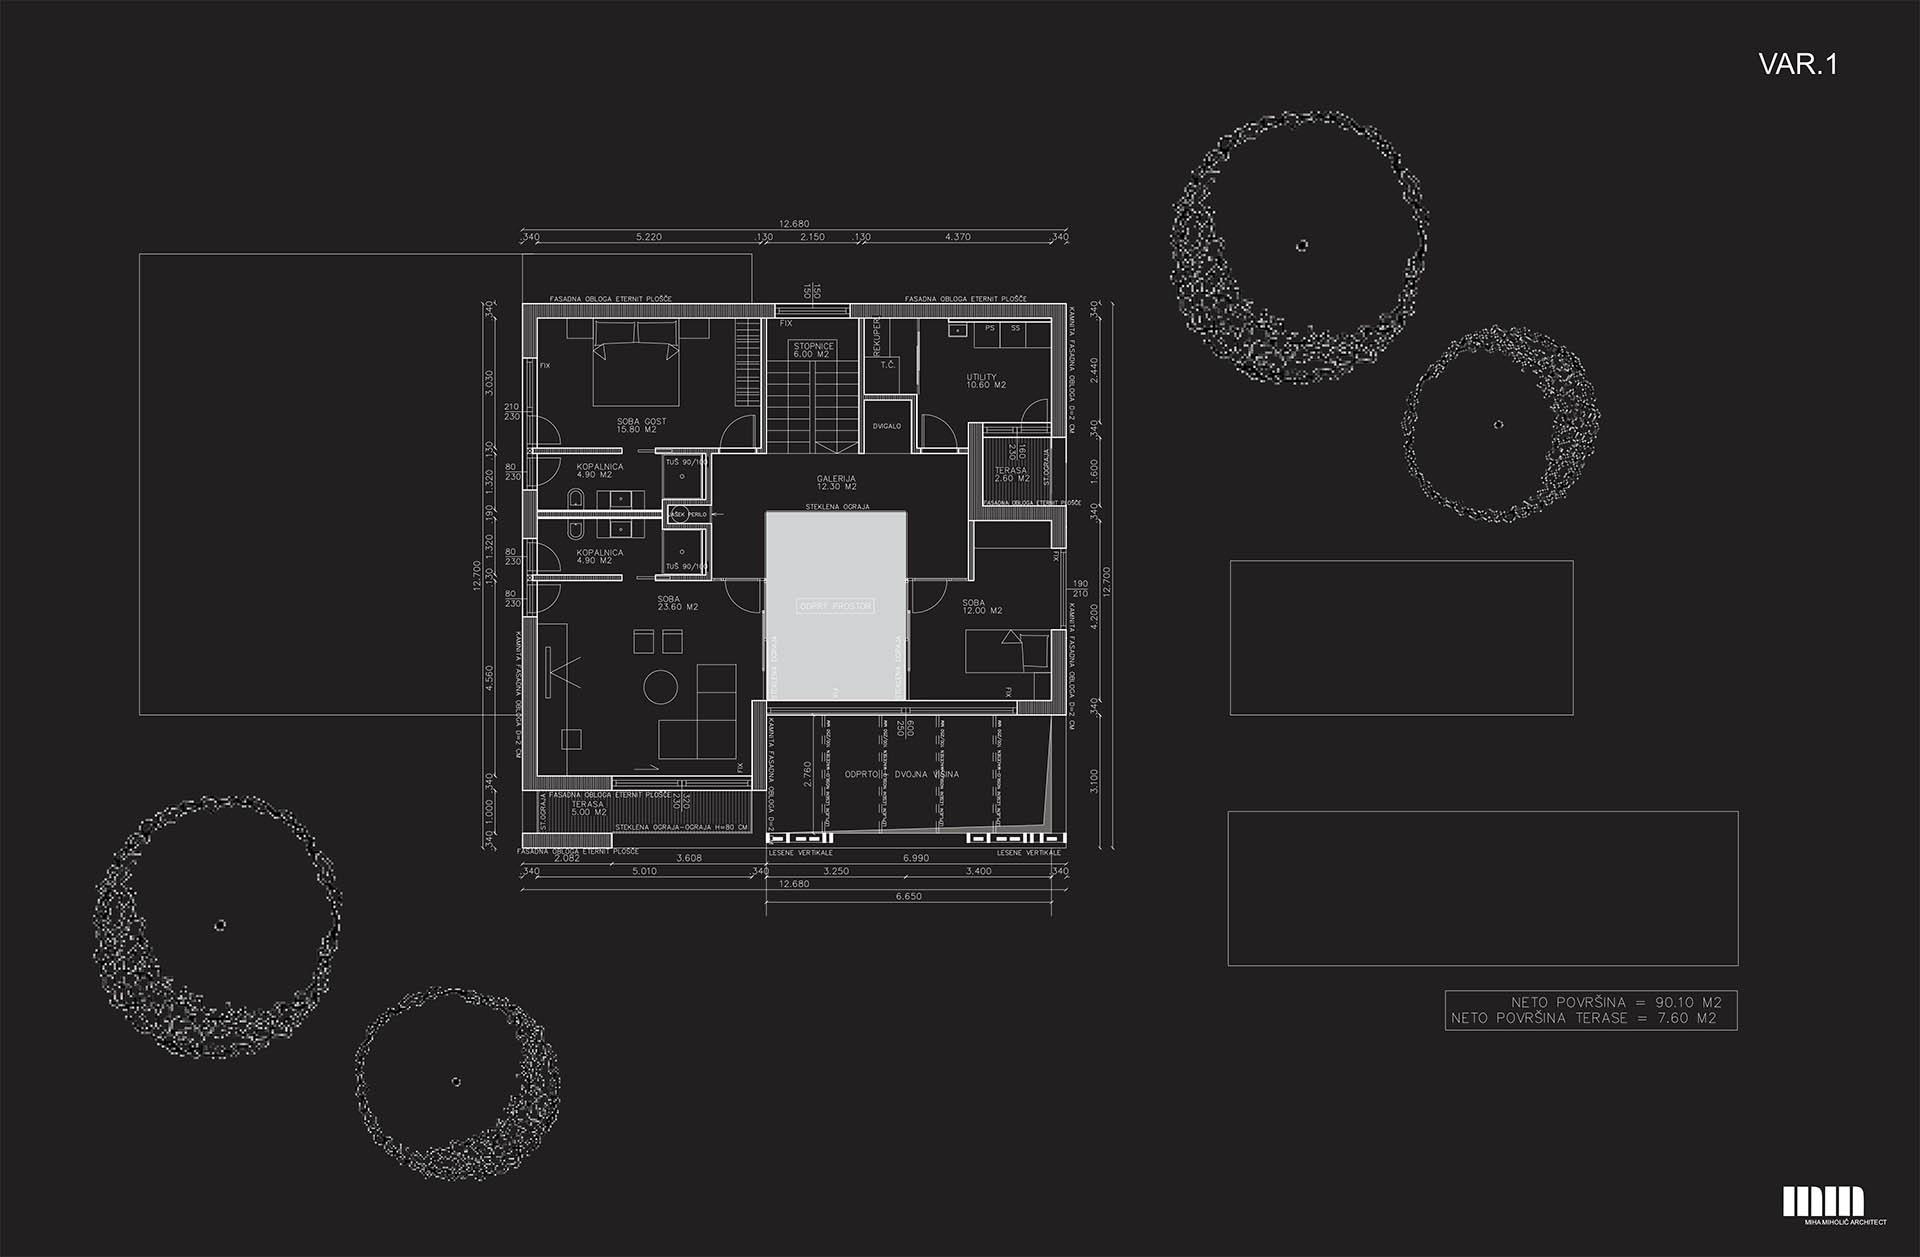 Tloris prvega nadstropja - var. 1